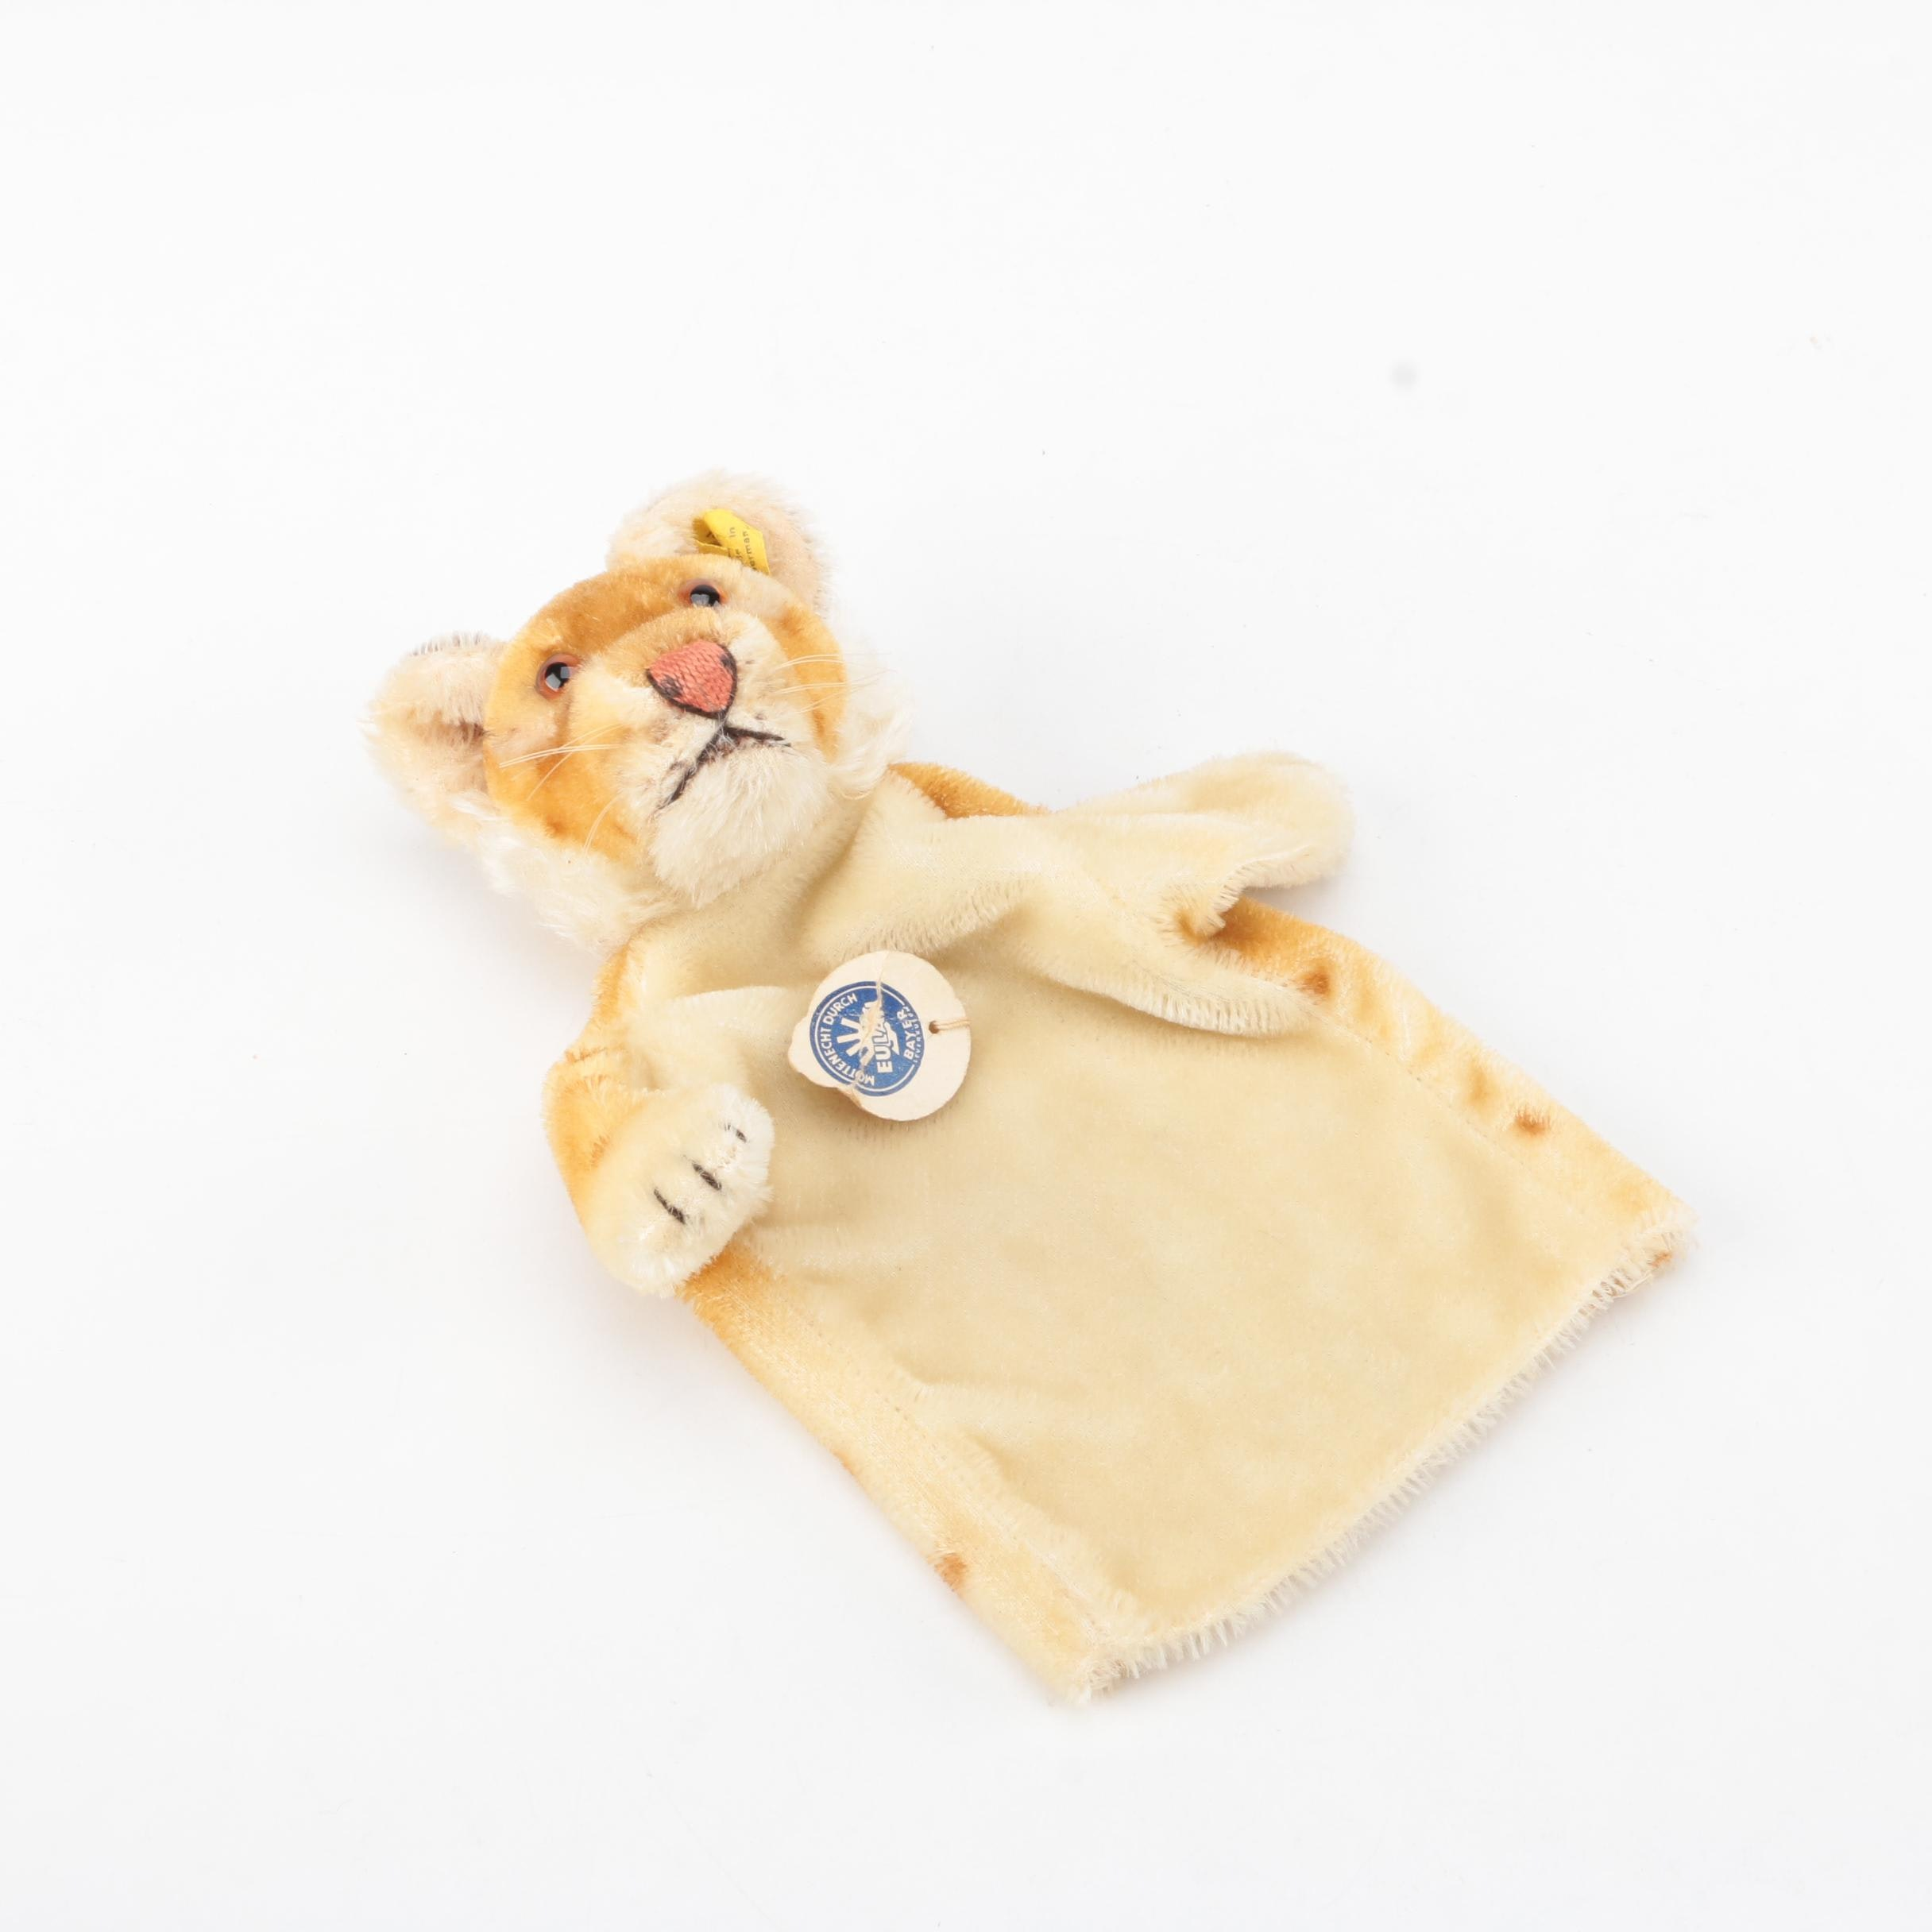 Circa 1960s Steiff Mohair Tiger Hand Puppet